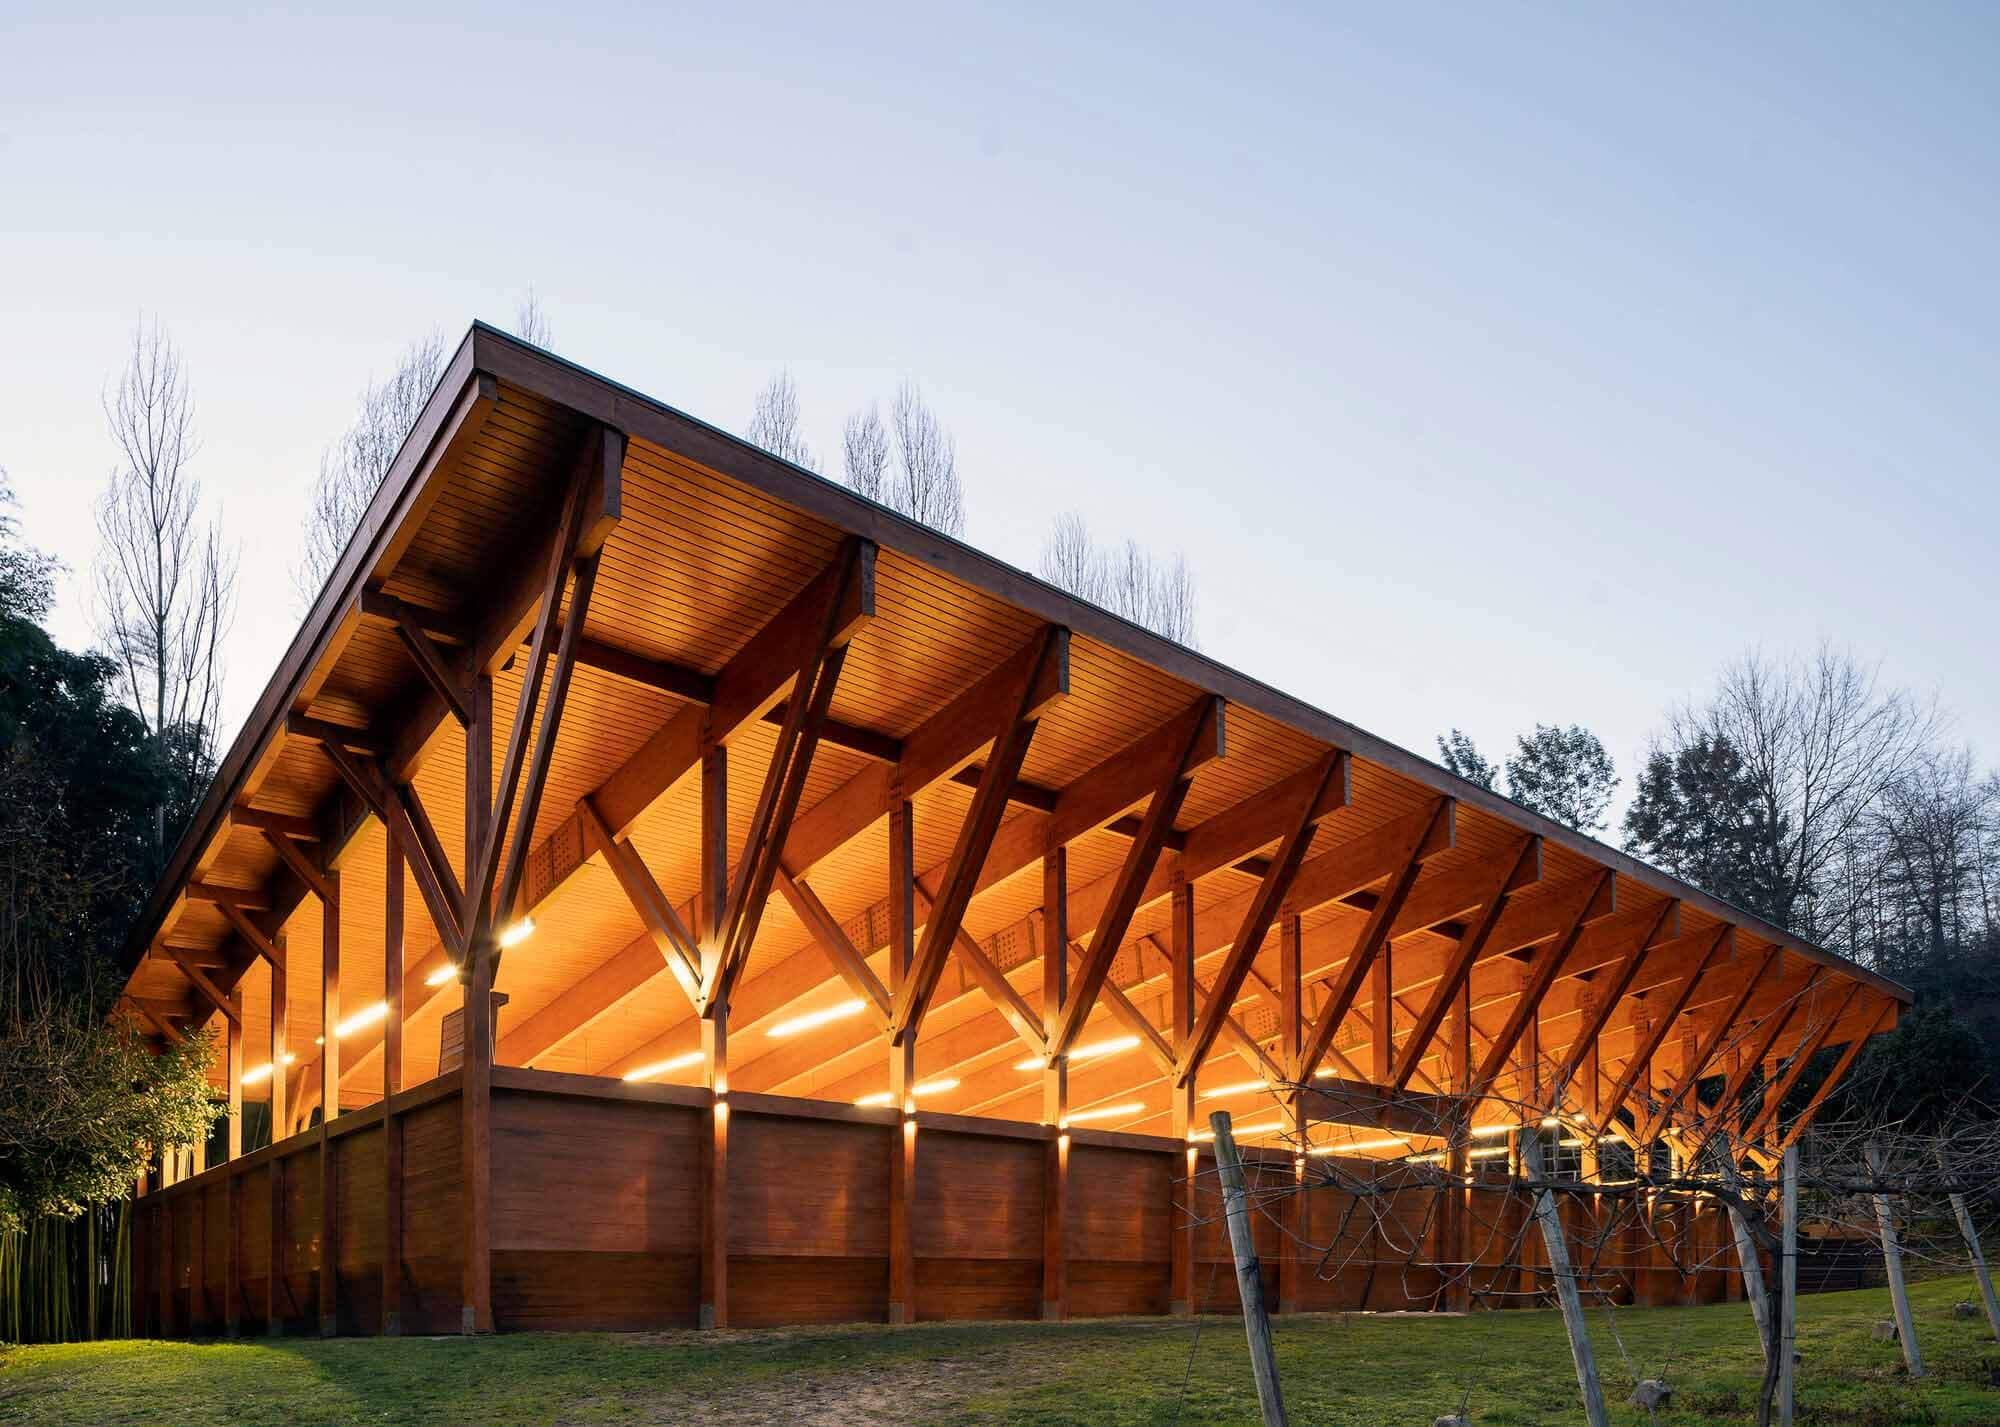 Конный завод MG Coudelaria / Visioarq Arquitectos